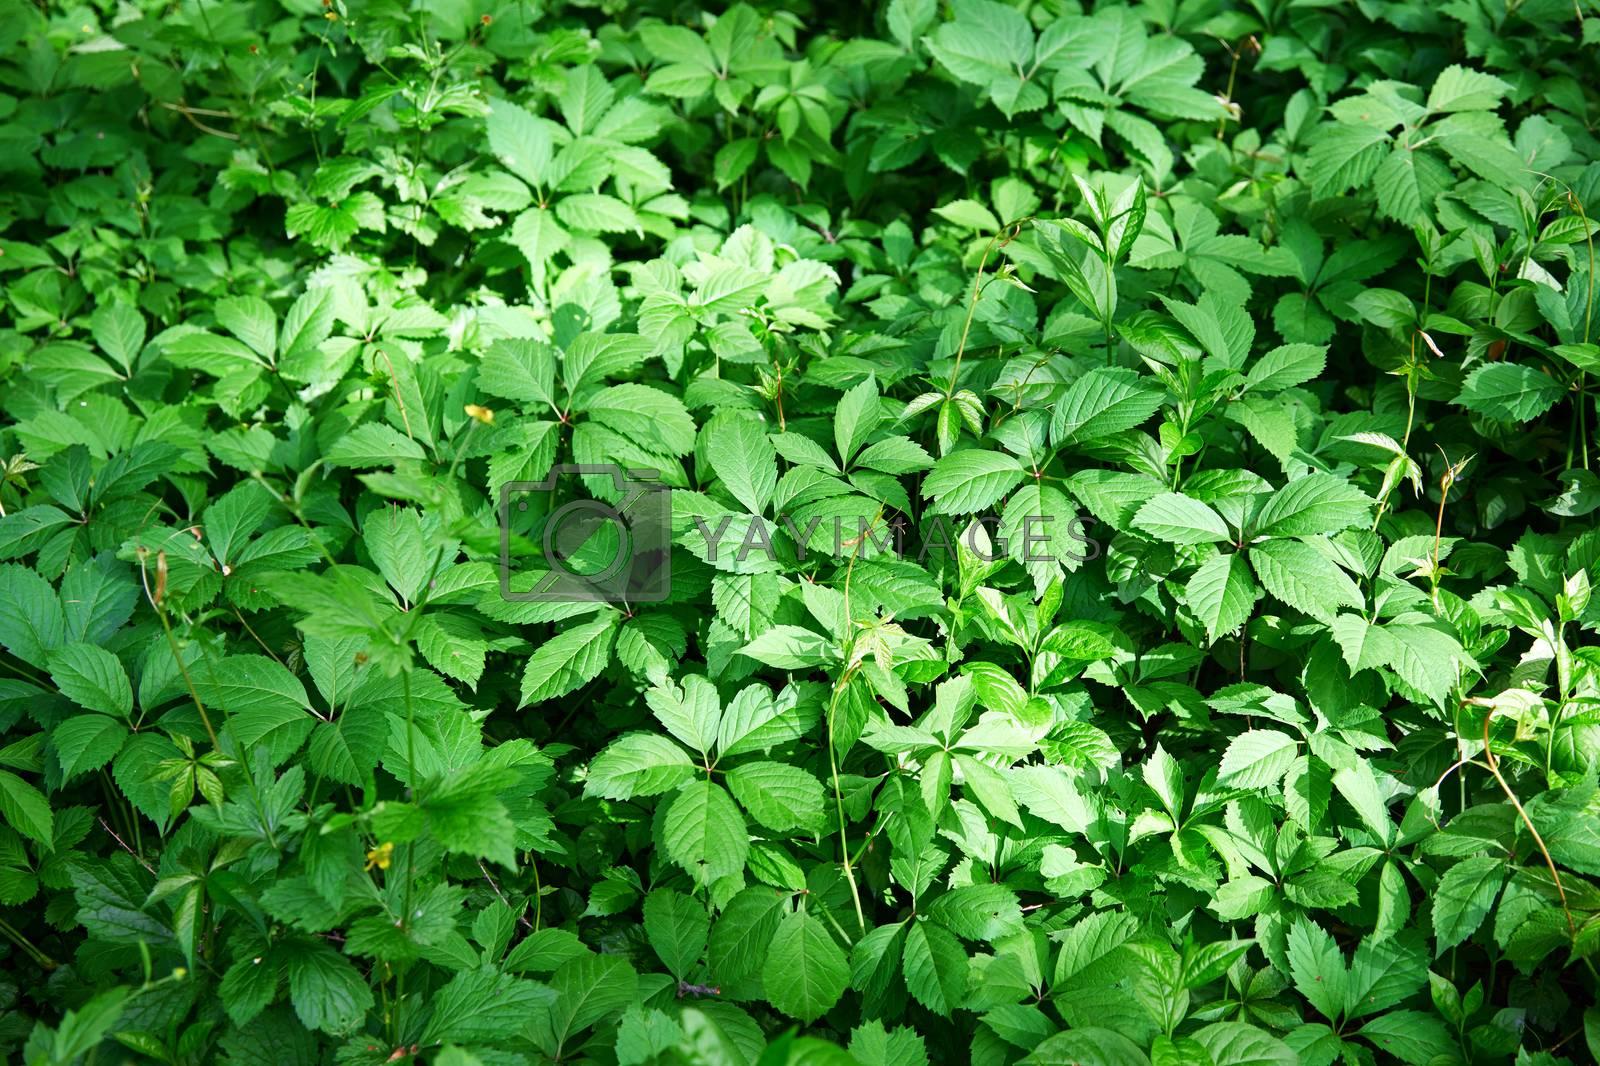 Full frame shot of the green plant leaves. Horizontal photo